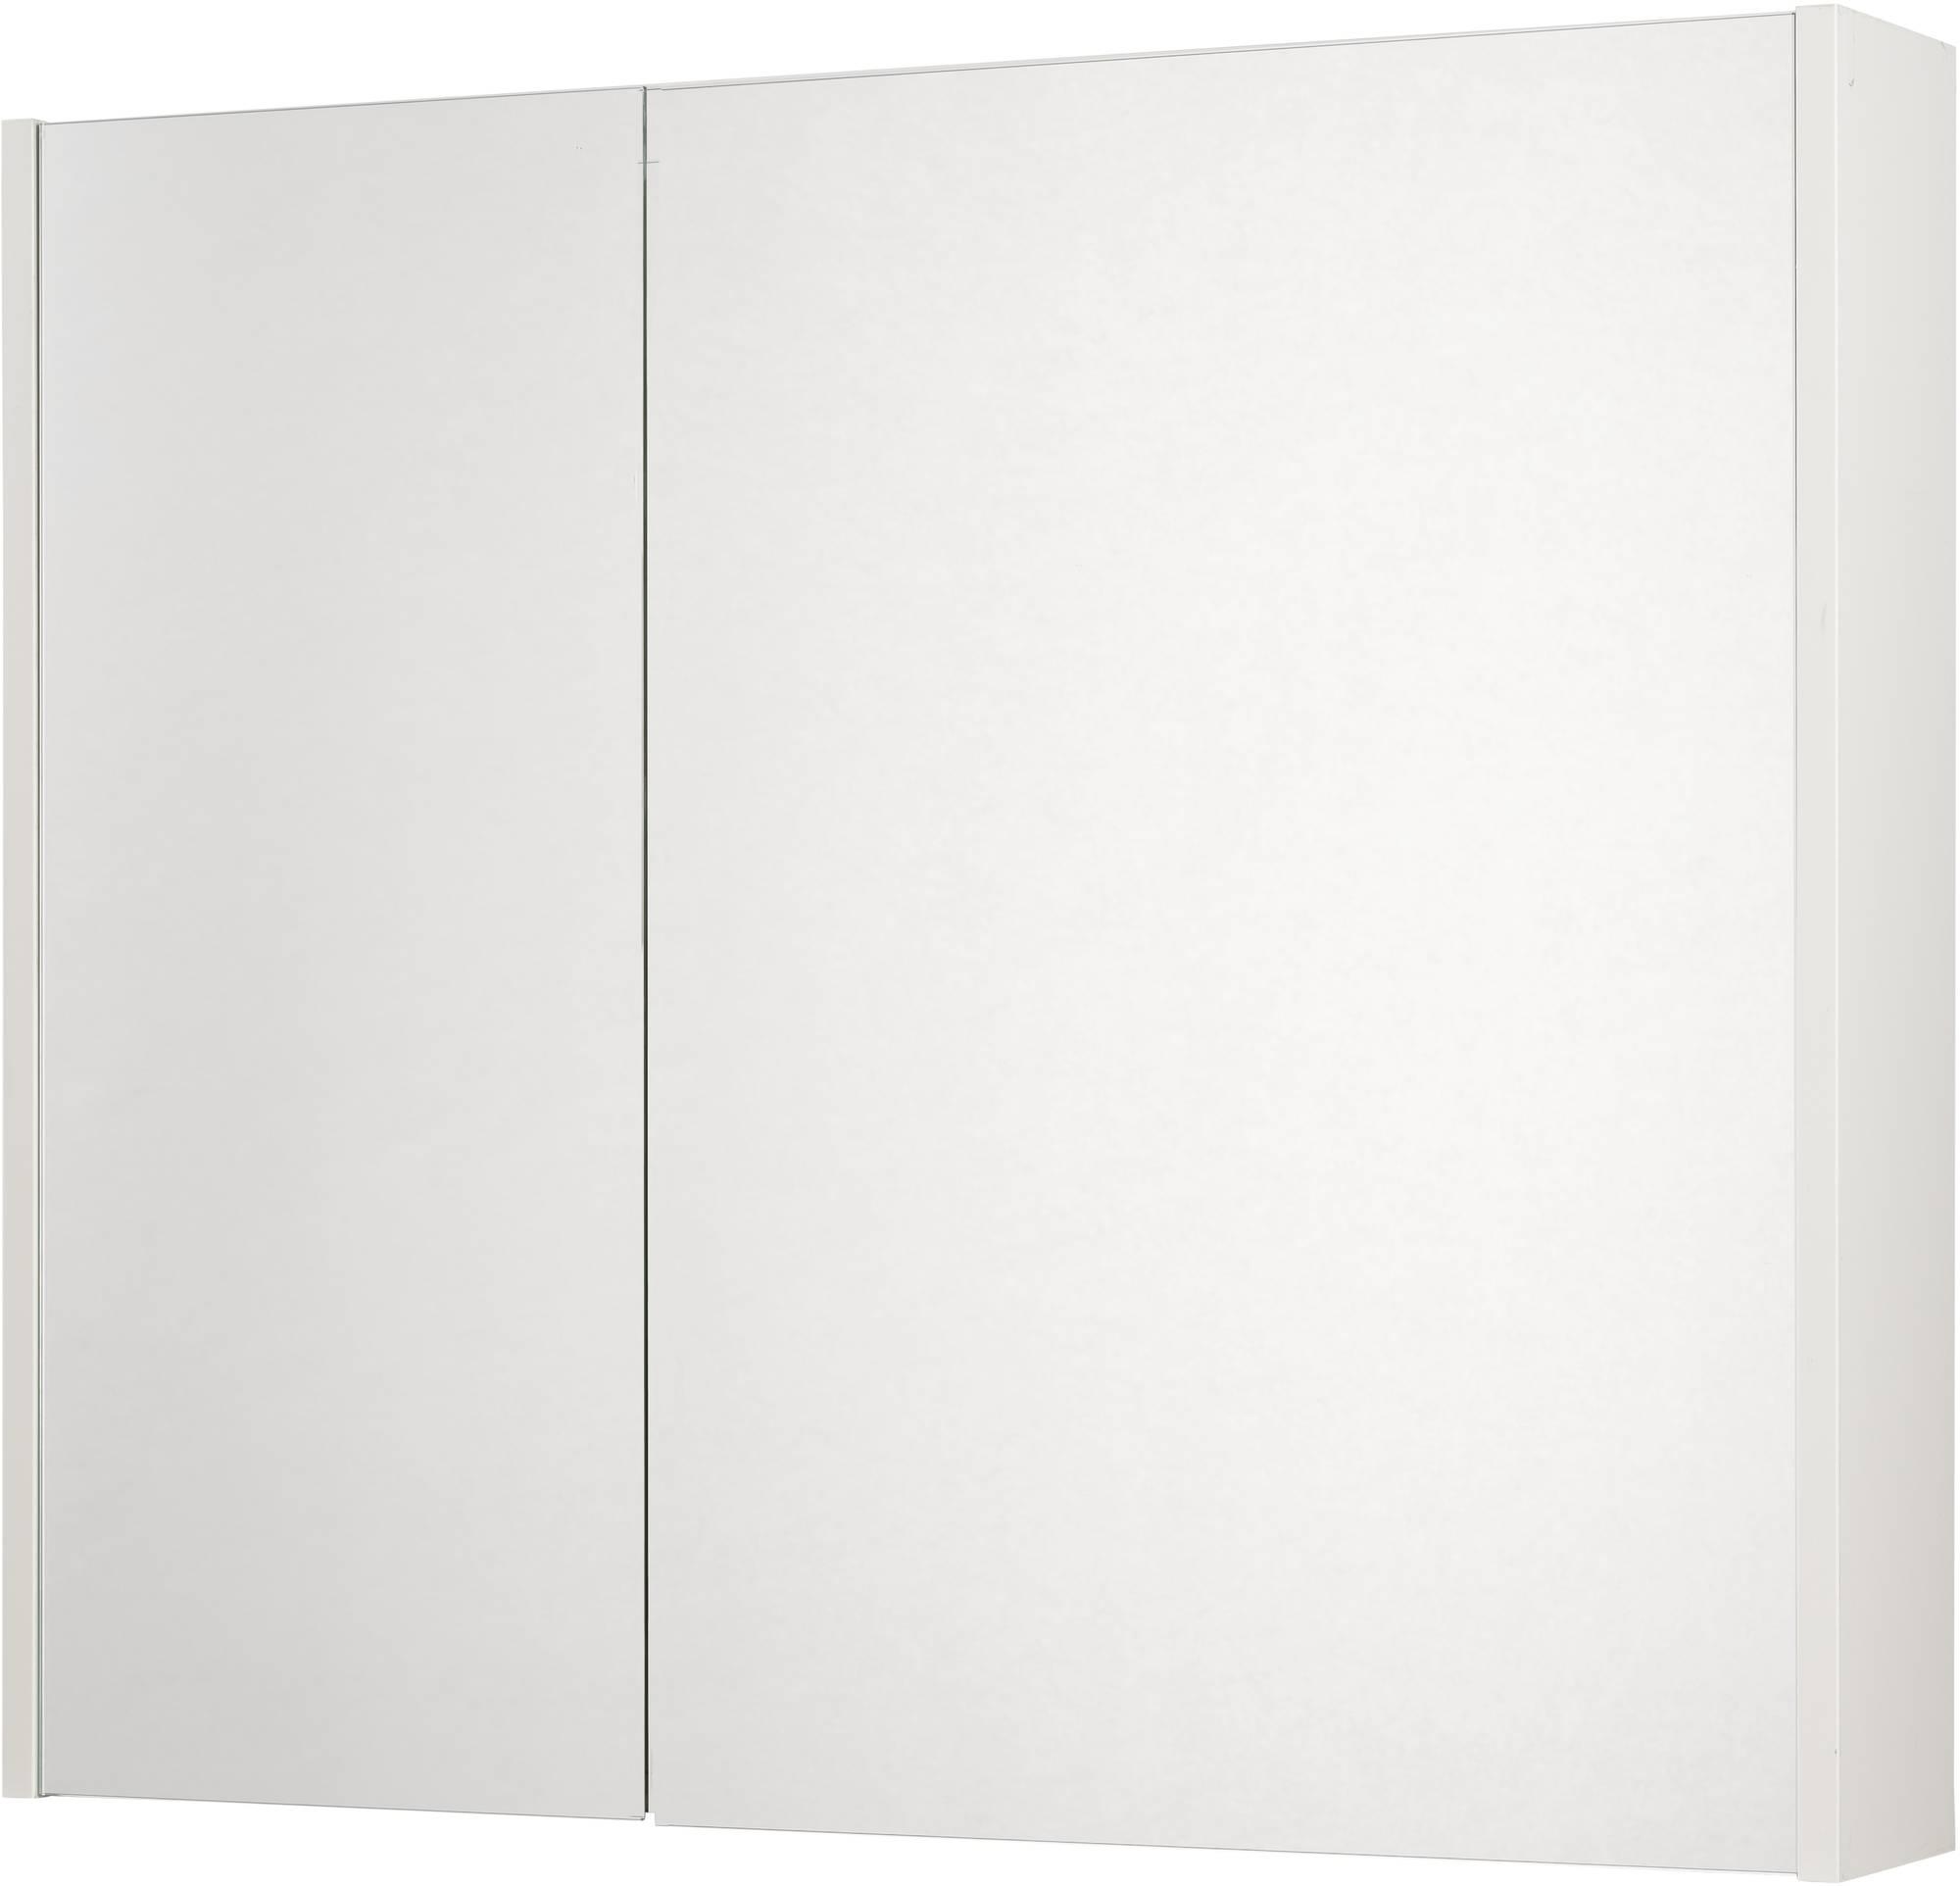 Saniselect Socan Spiegelkast 2 deuren 80cm Mat Wit